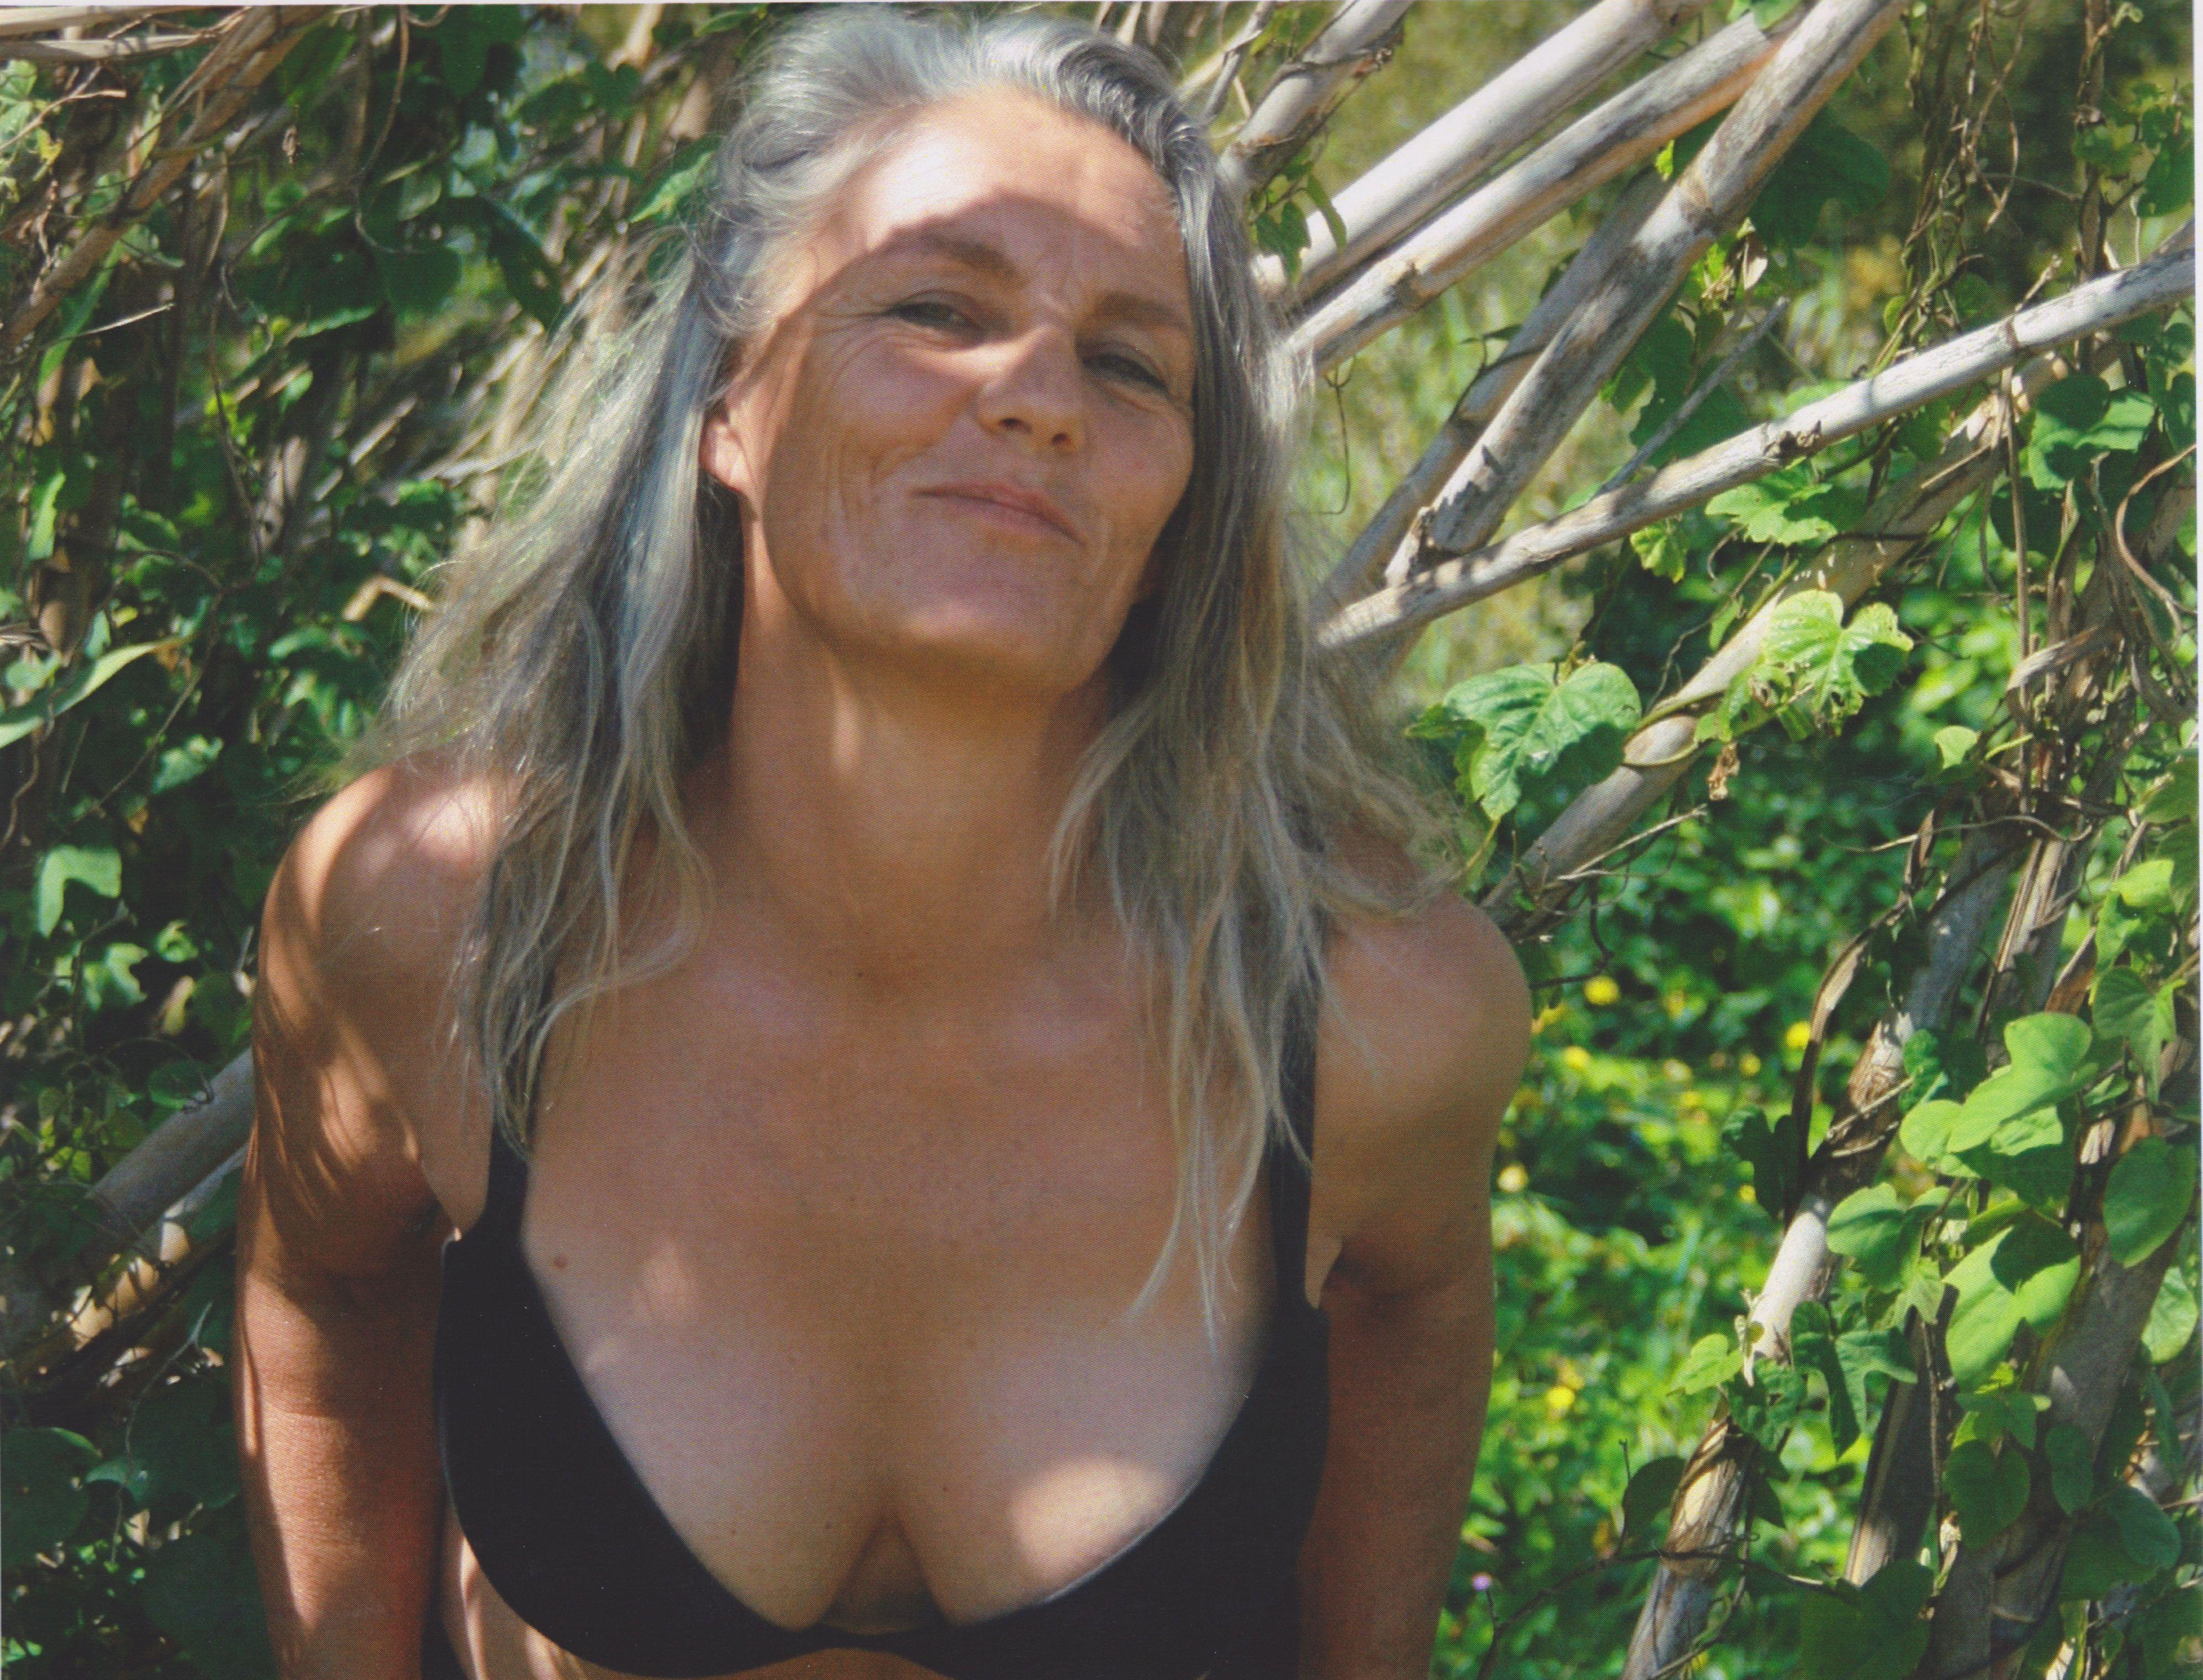 Julia morse sexy nude